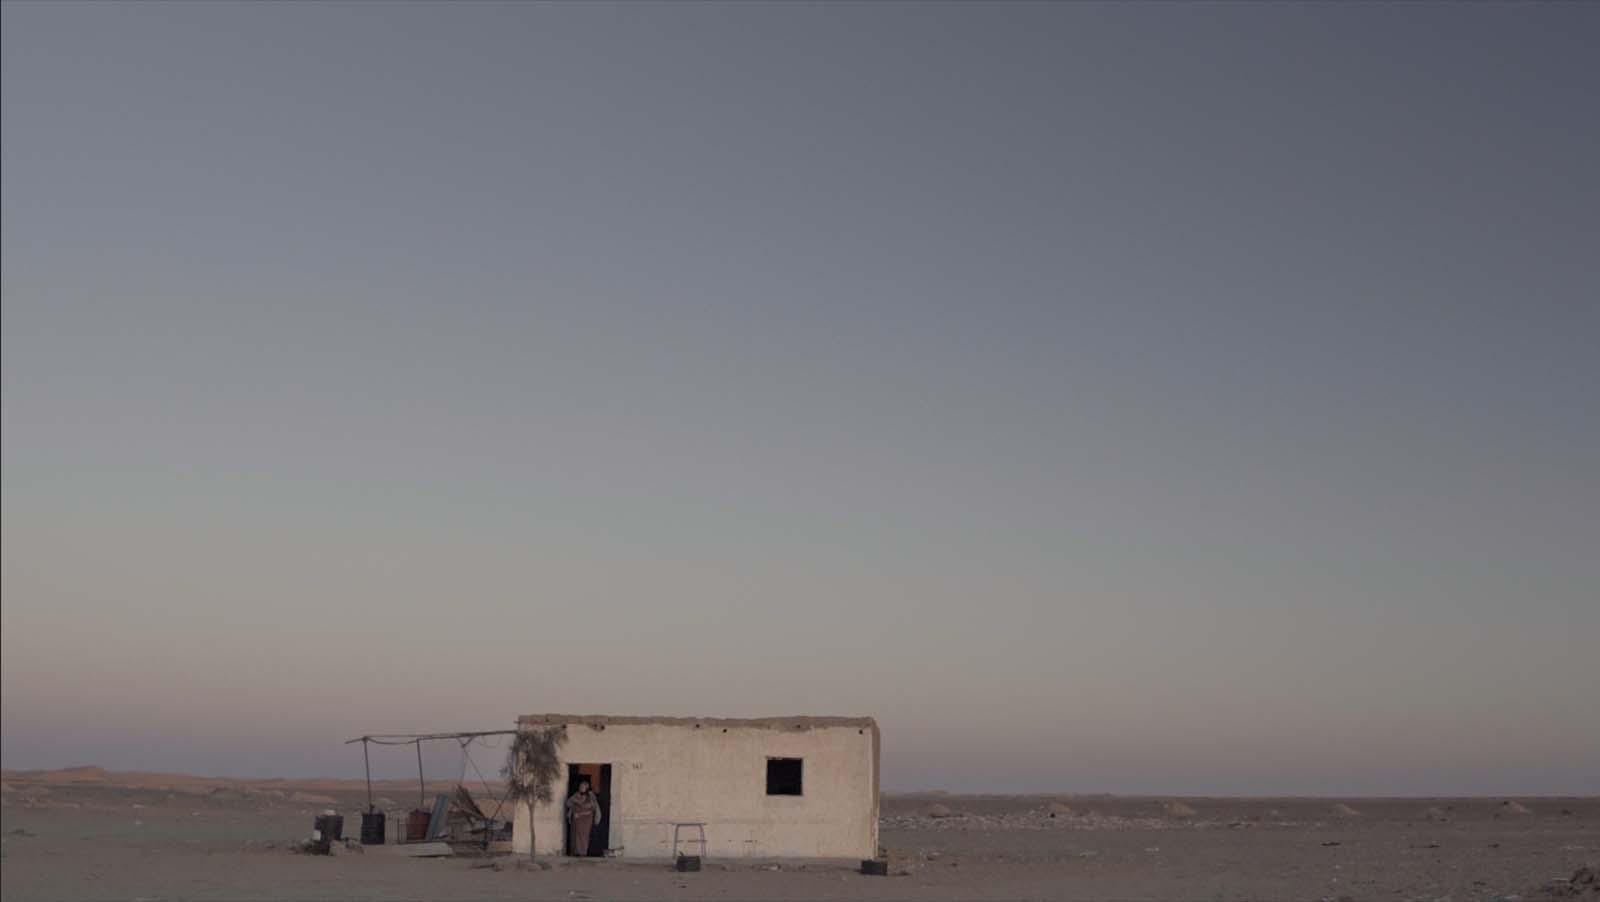 rue du désert